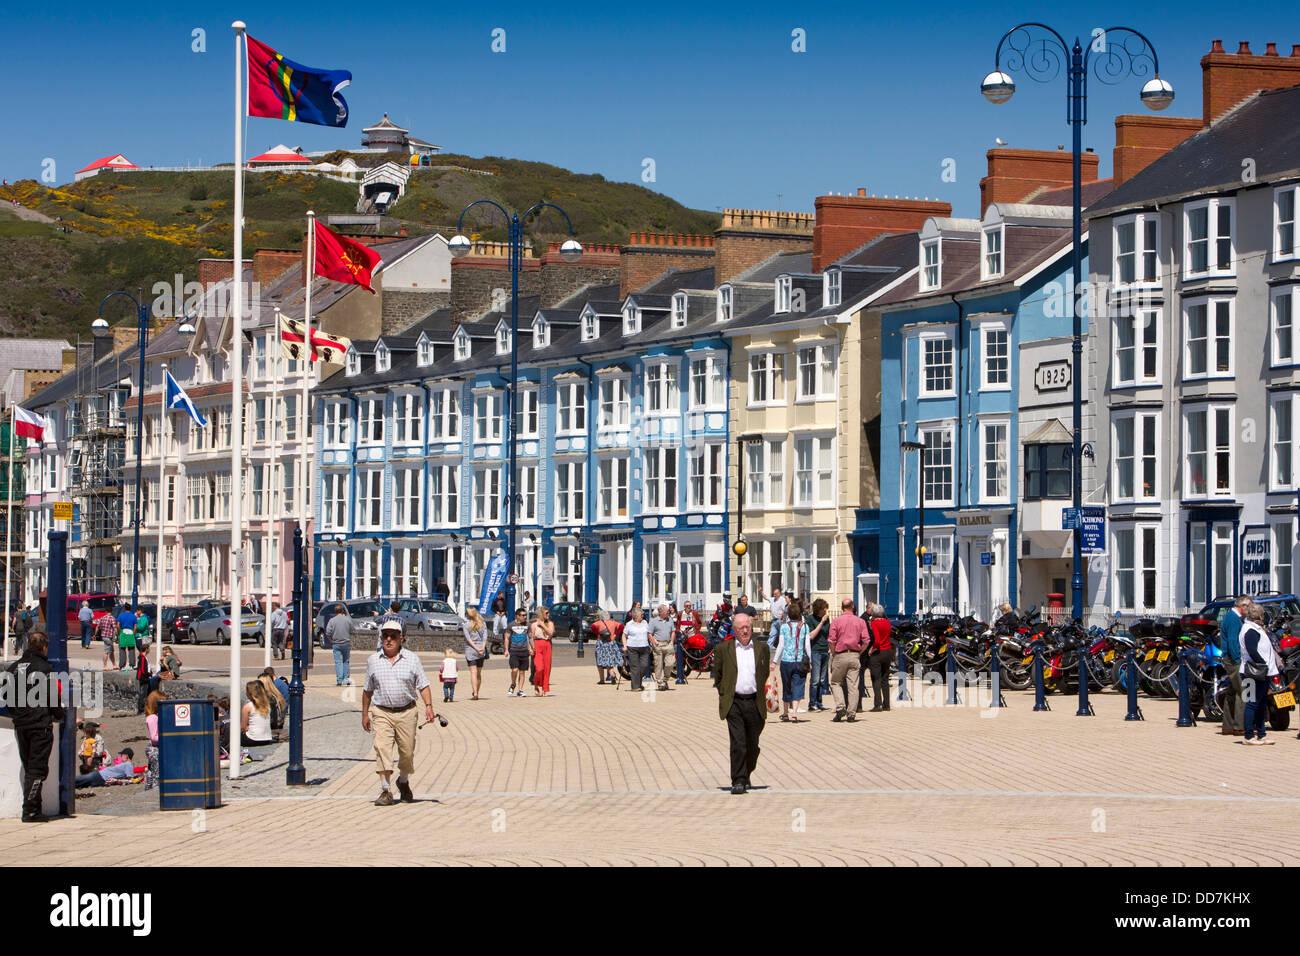 UK, Wales, Ceredigion, Aberystwyth, visitors on Marine Terrace promenade - Stock Image